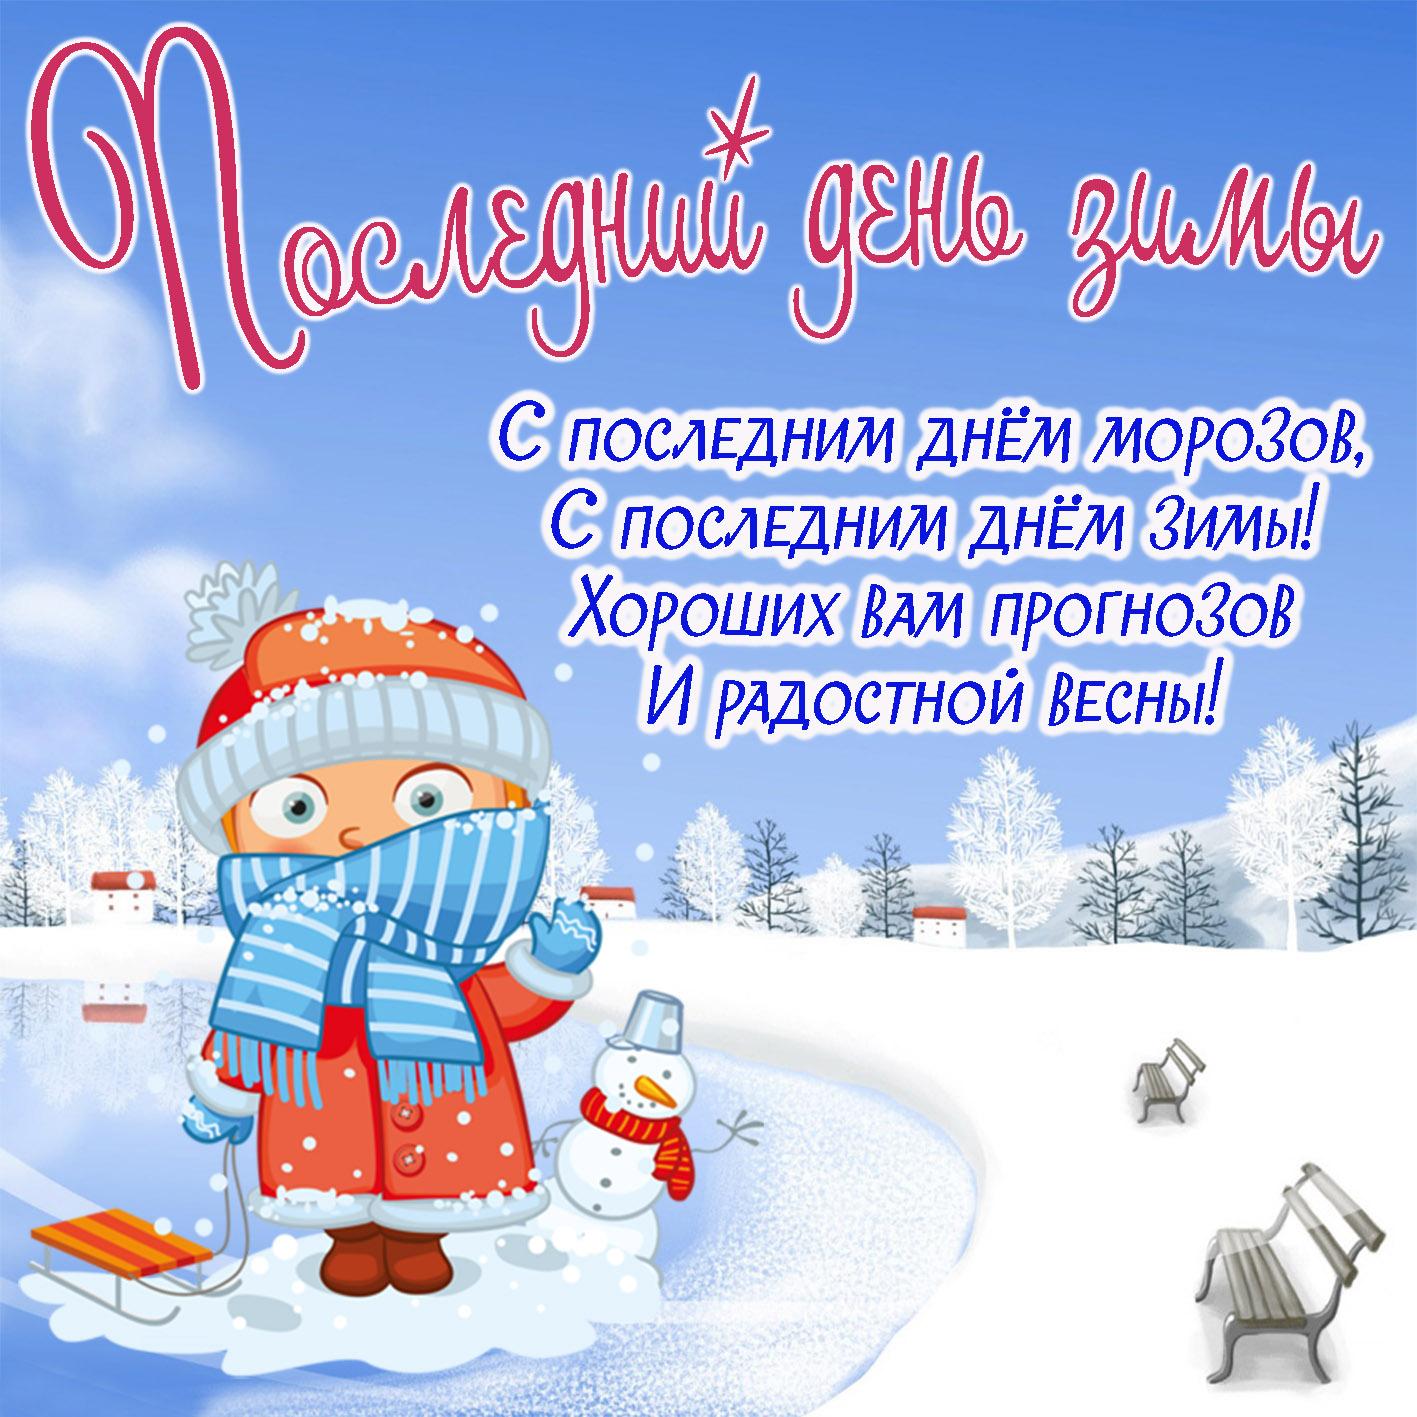 https://bonnycards.ru/images/zima/poslednij-den0002.jpg